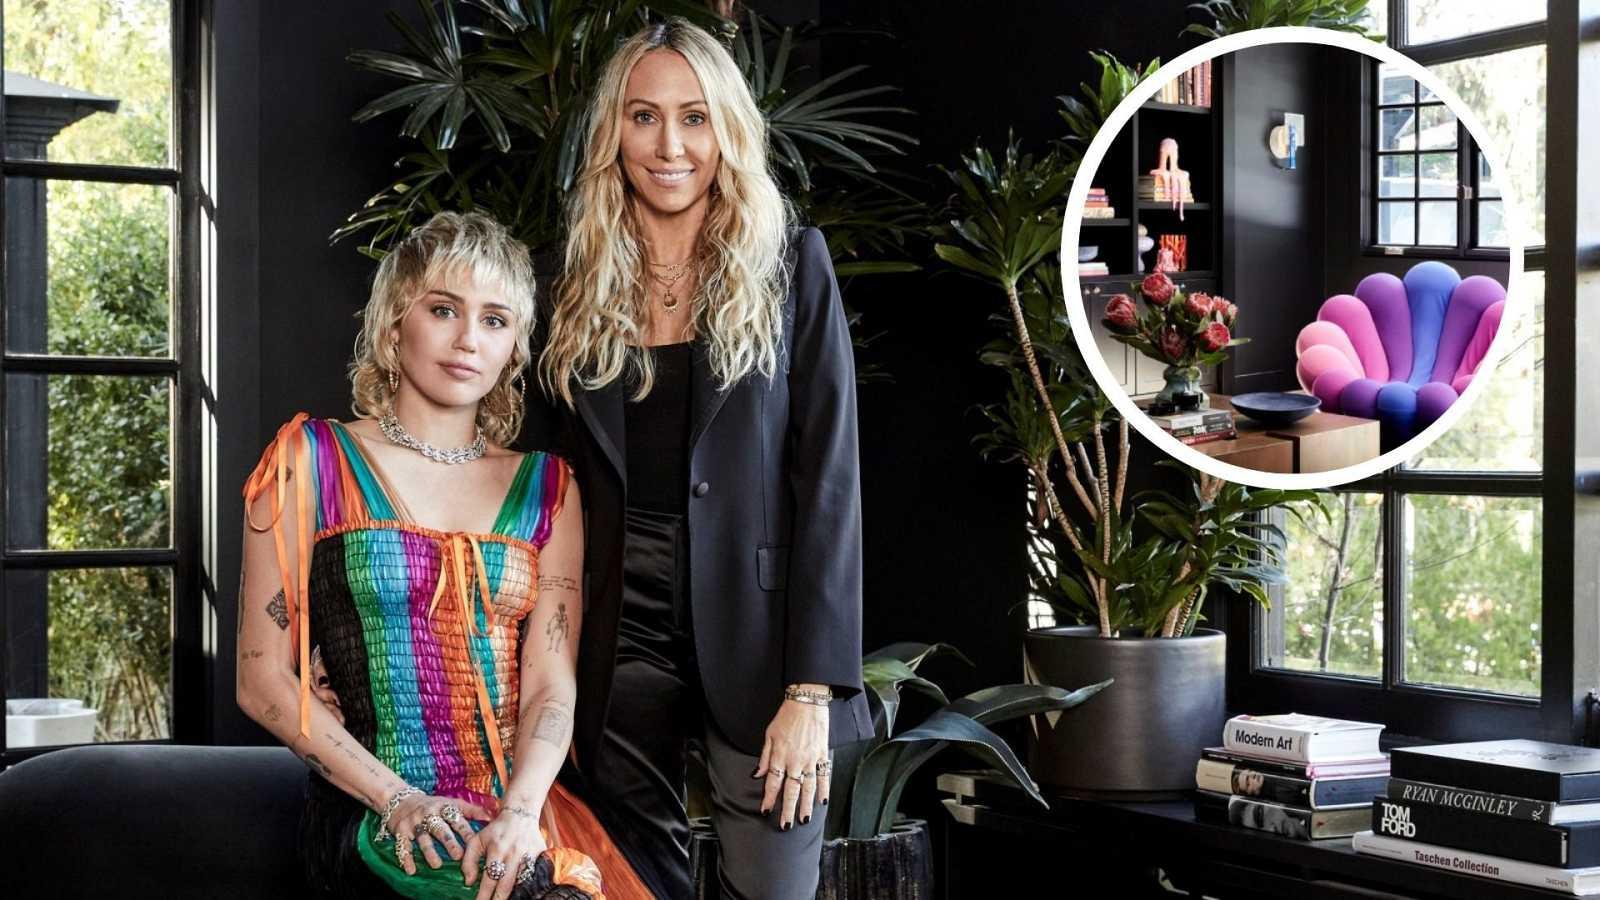 Así es la impresionante mansión de Miley Cyrus decorada por su madre